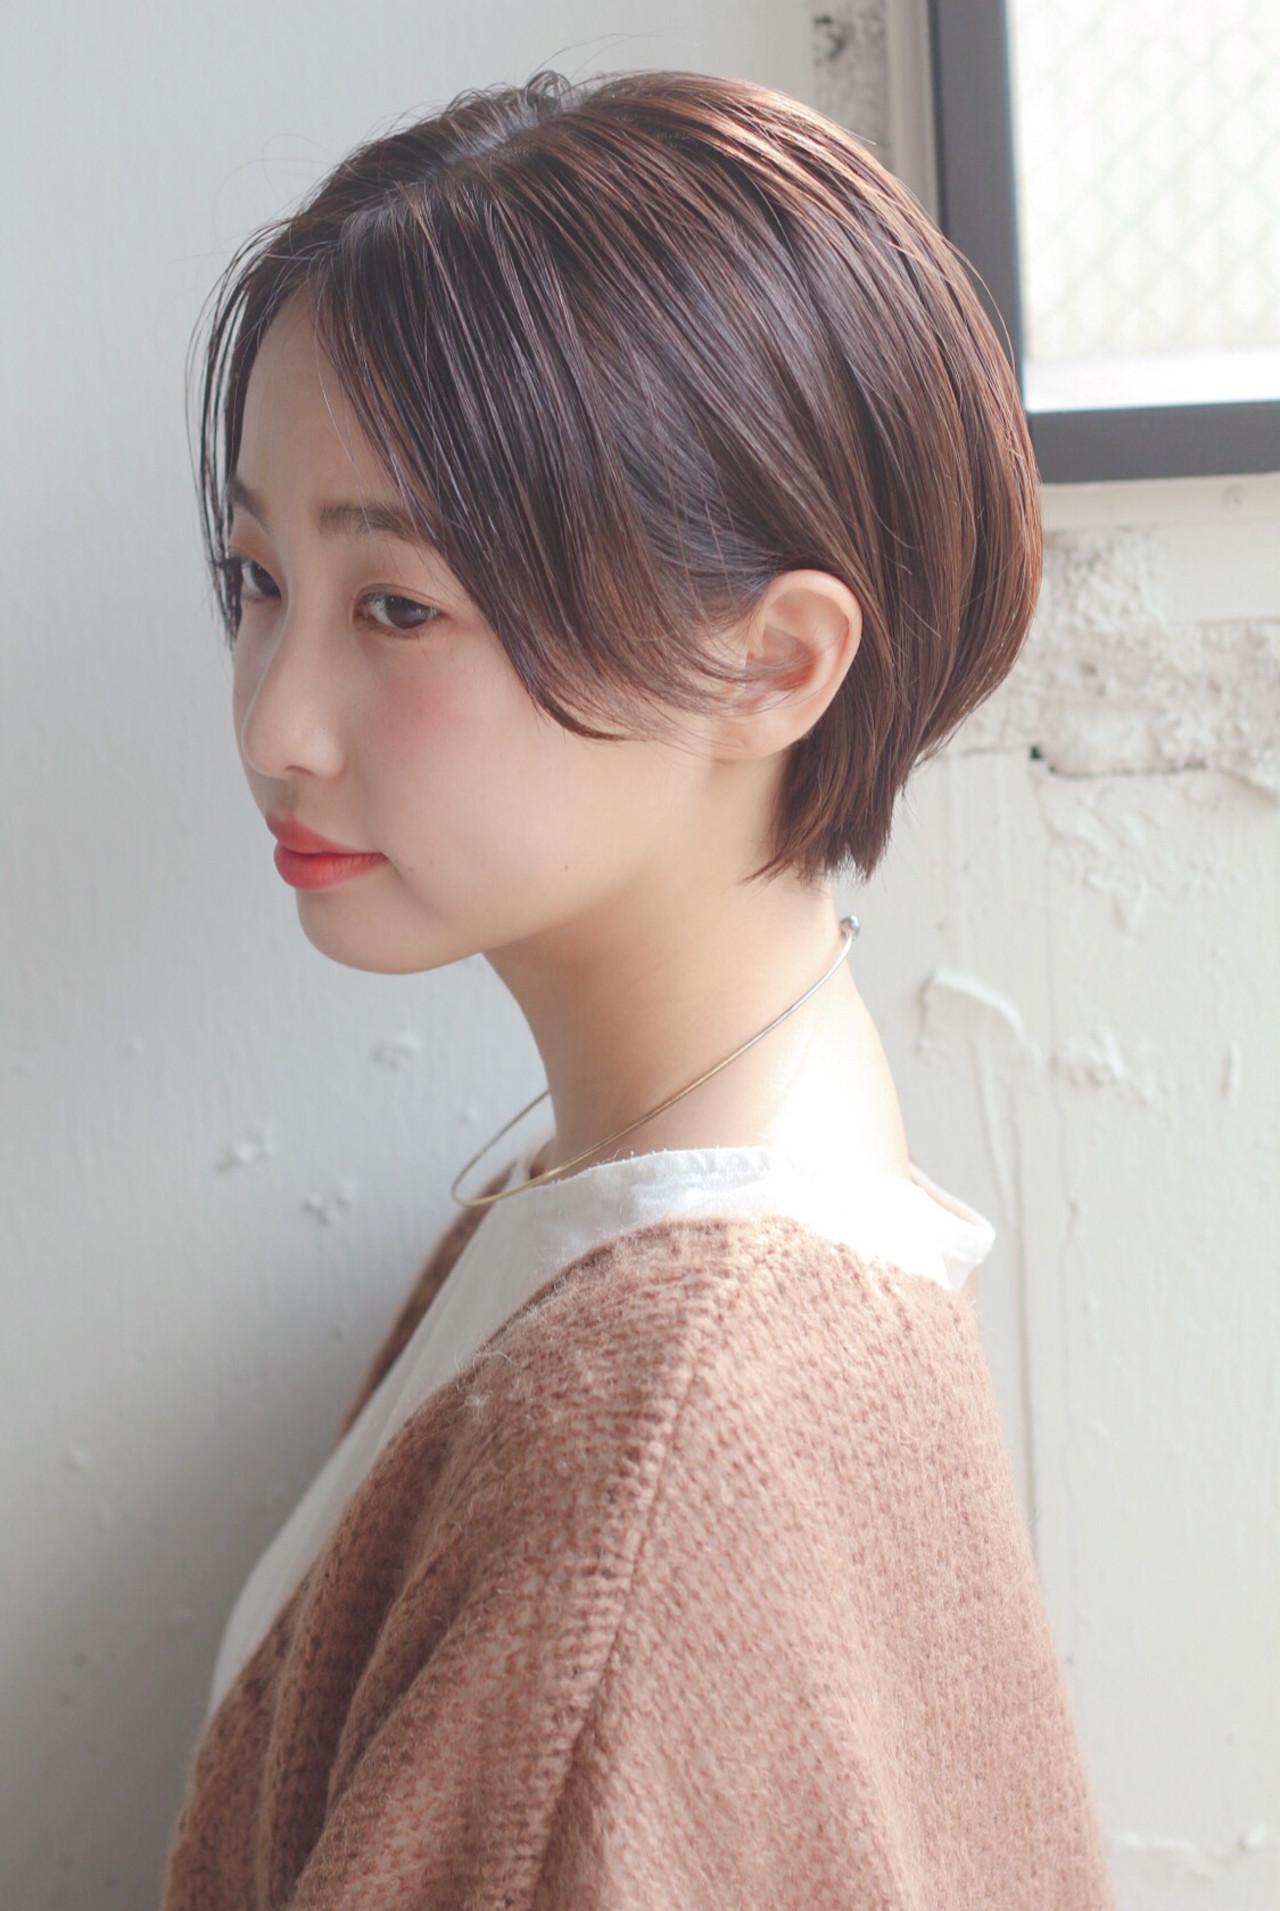 アンニュイほつれヘア モテ髪 透明感 ショート ヘアスタイルや髪型の写真・画像